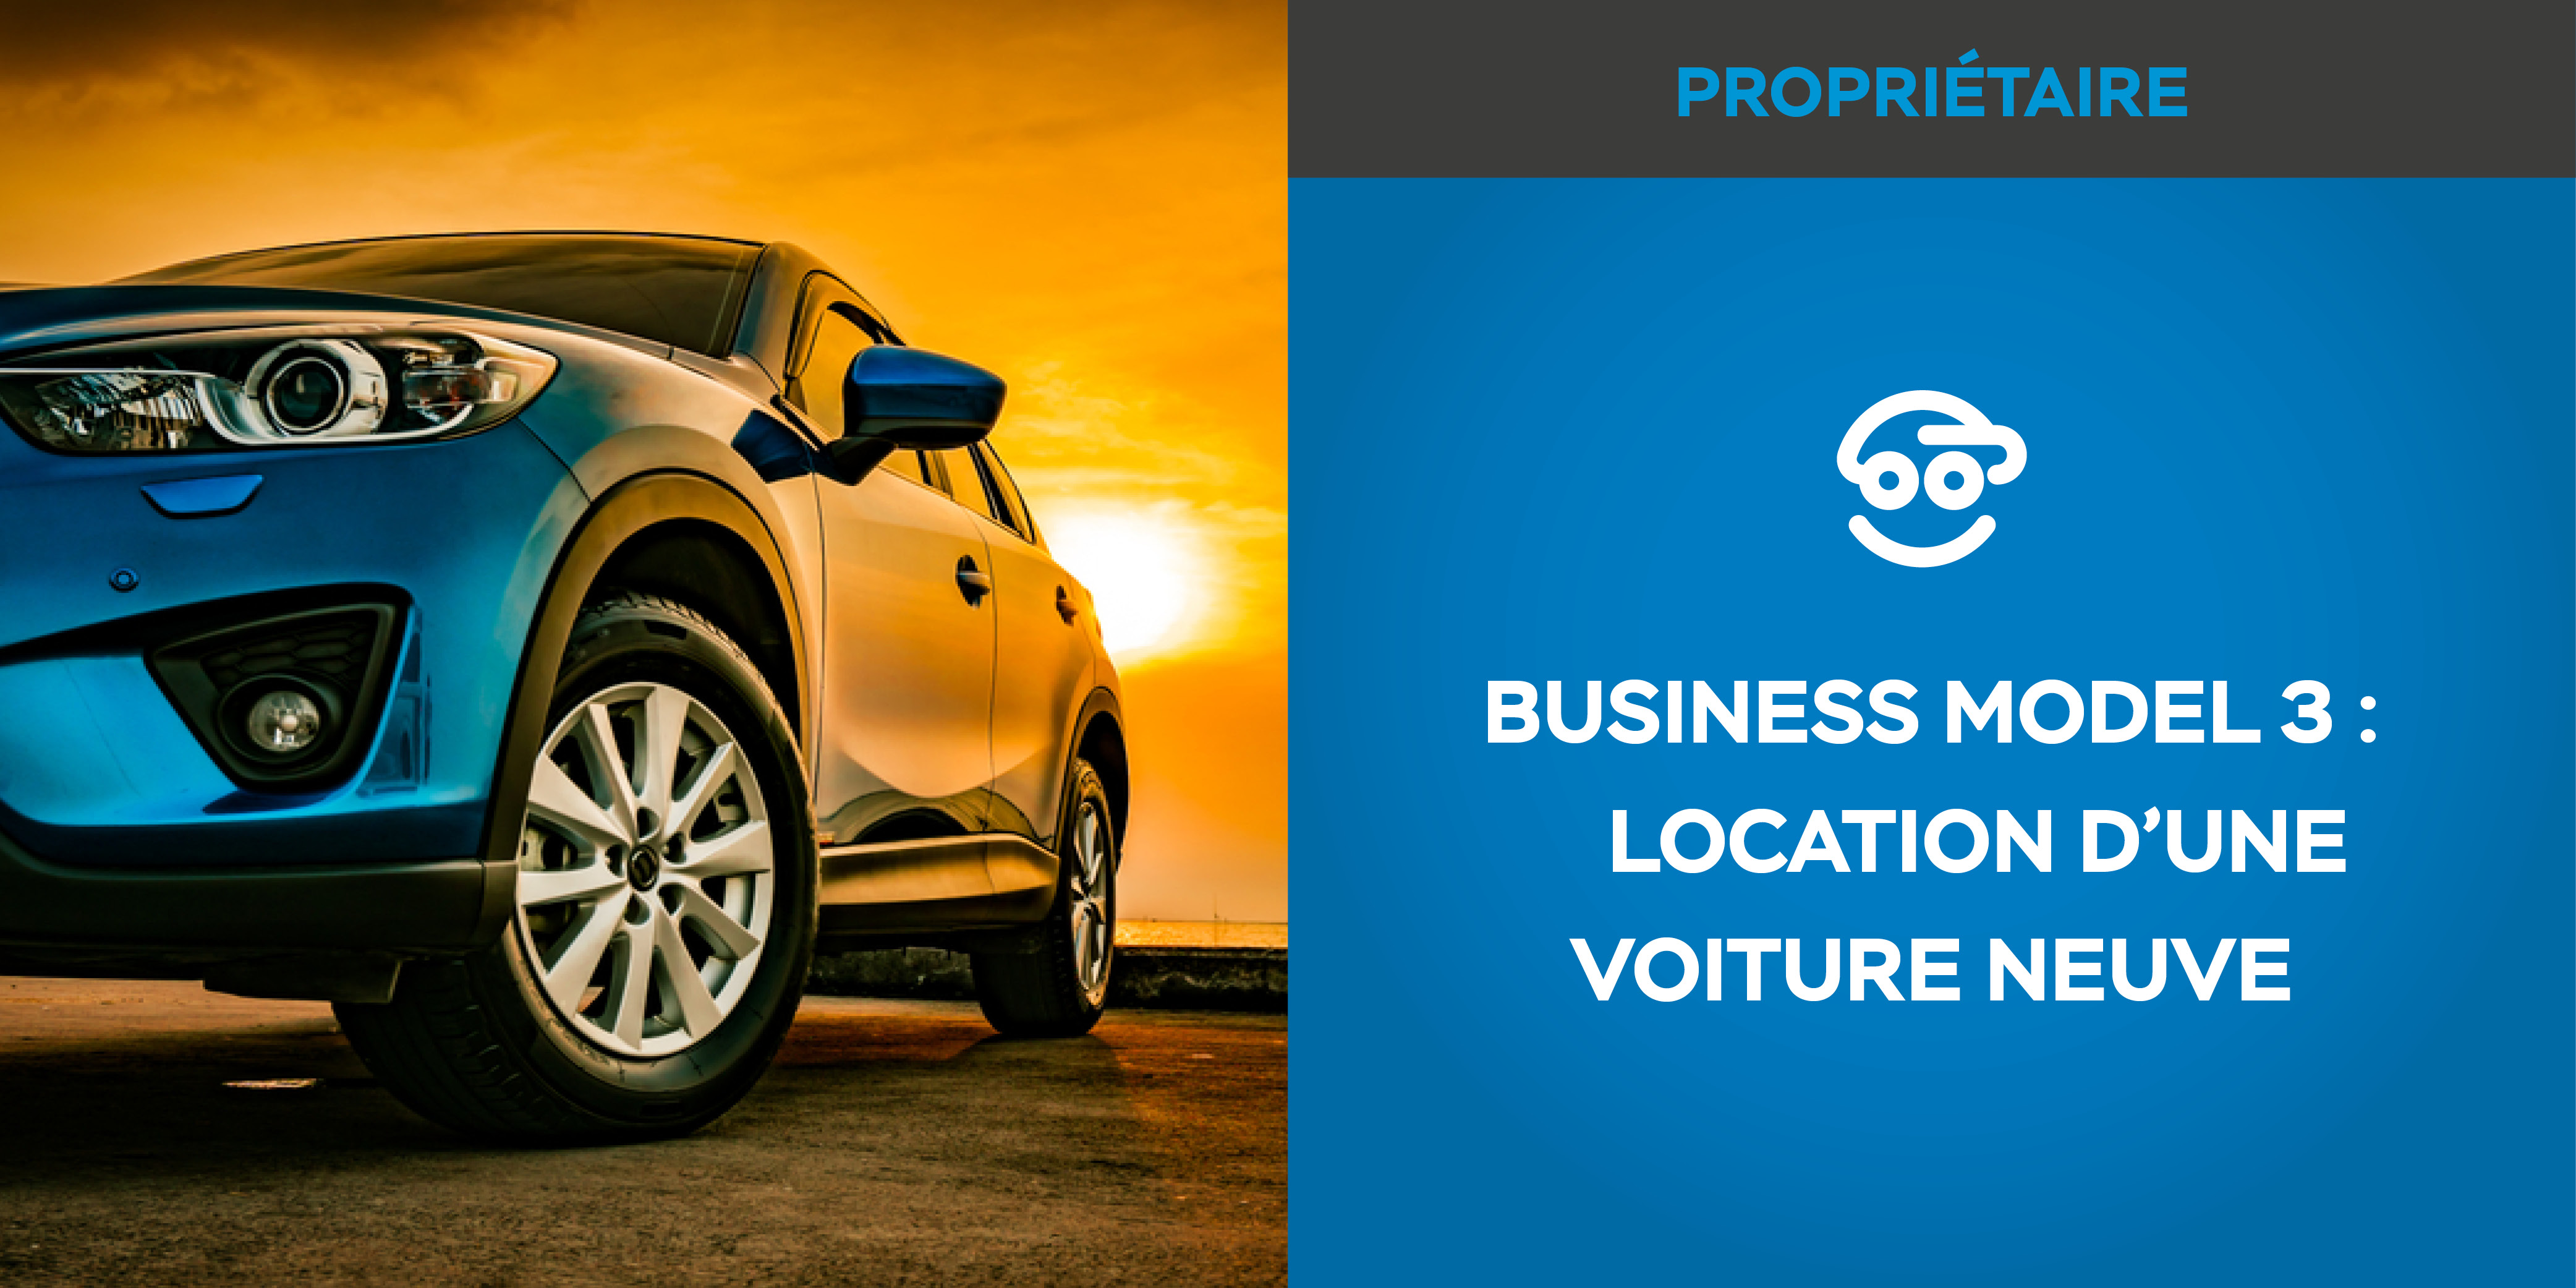 Business Model #3 : Louer sa voiture neuve à La Réunion